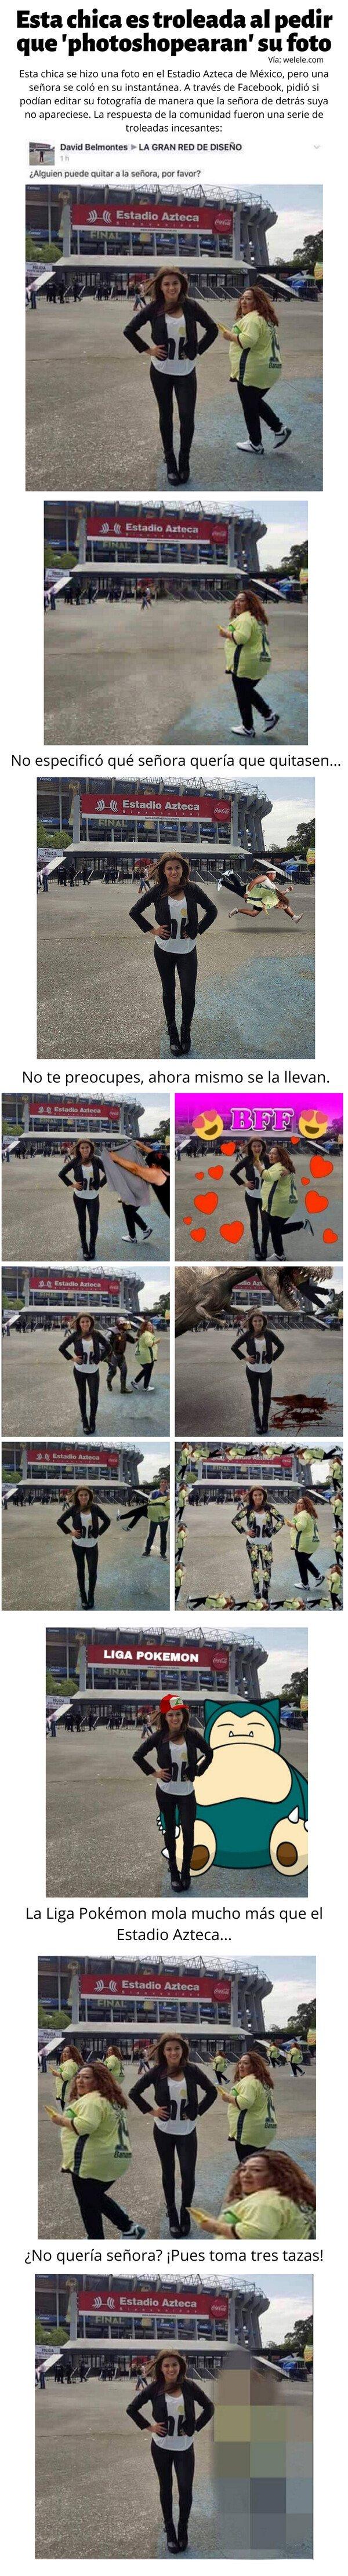 Meme_otros - Esta chica es troleada al pedir que 'photoshopearan' su foto